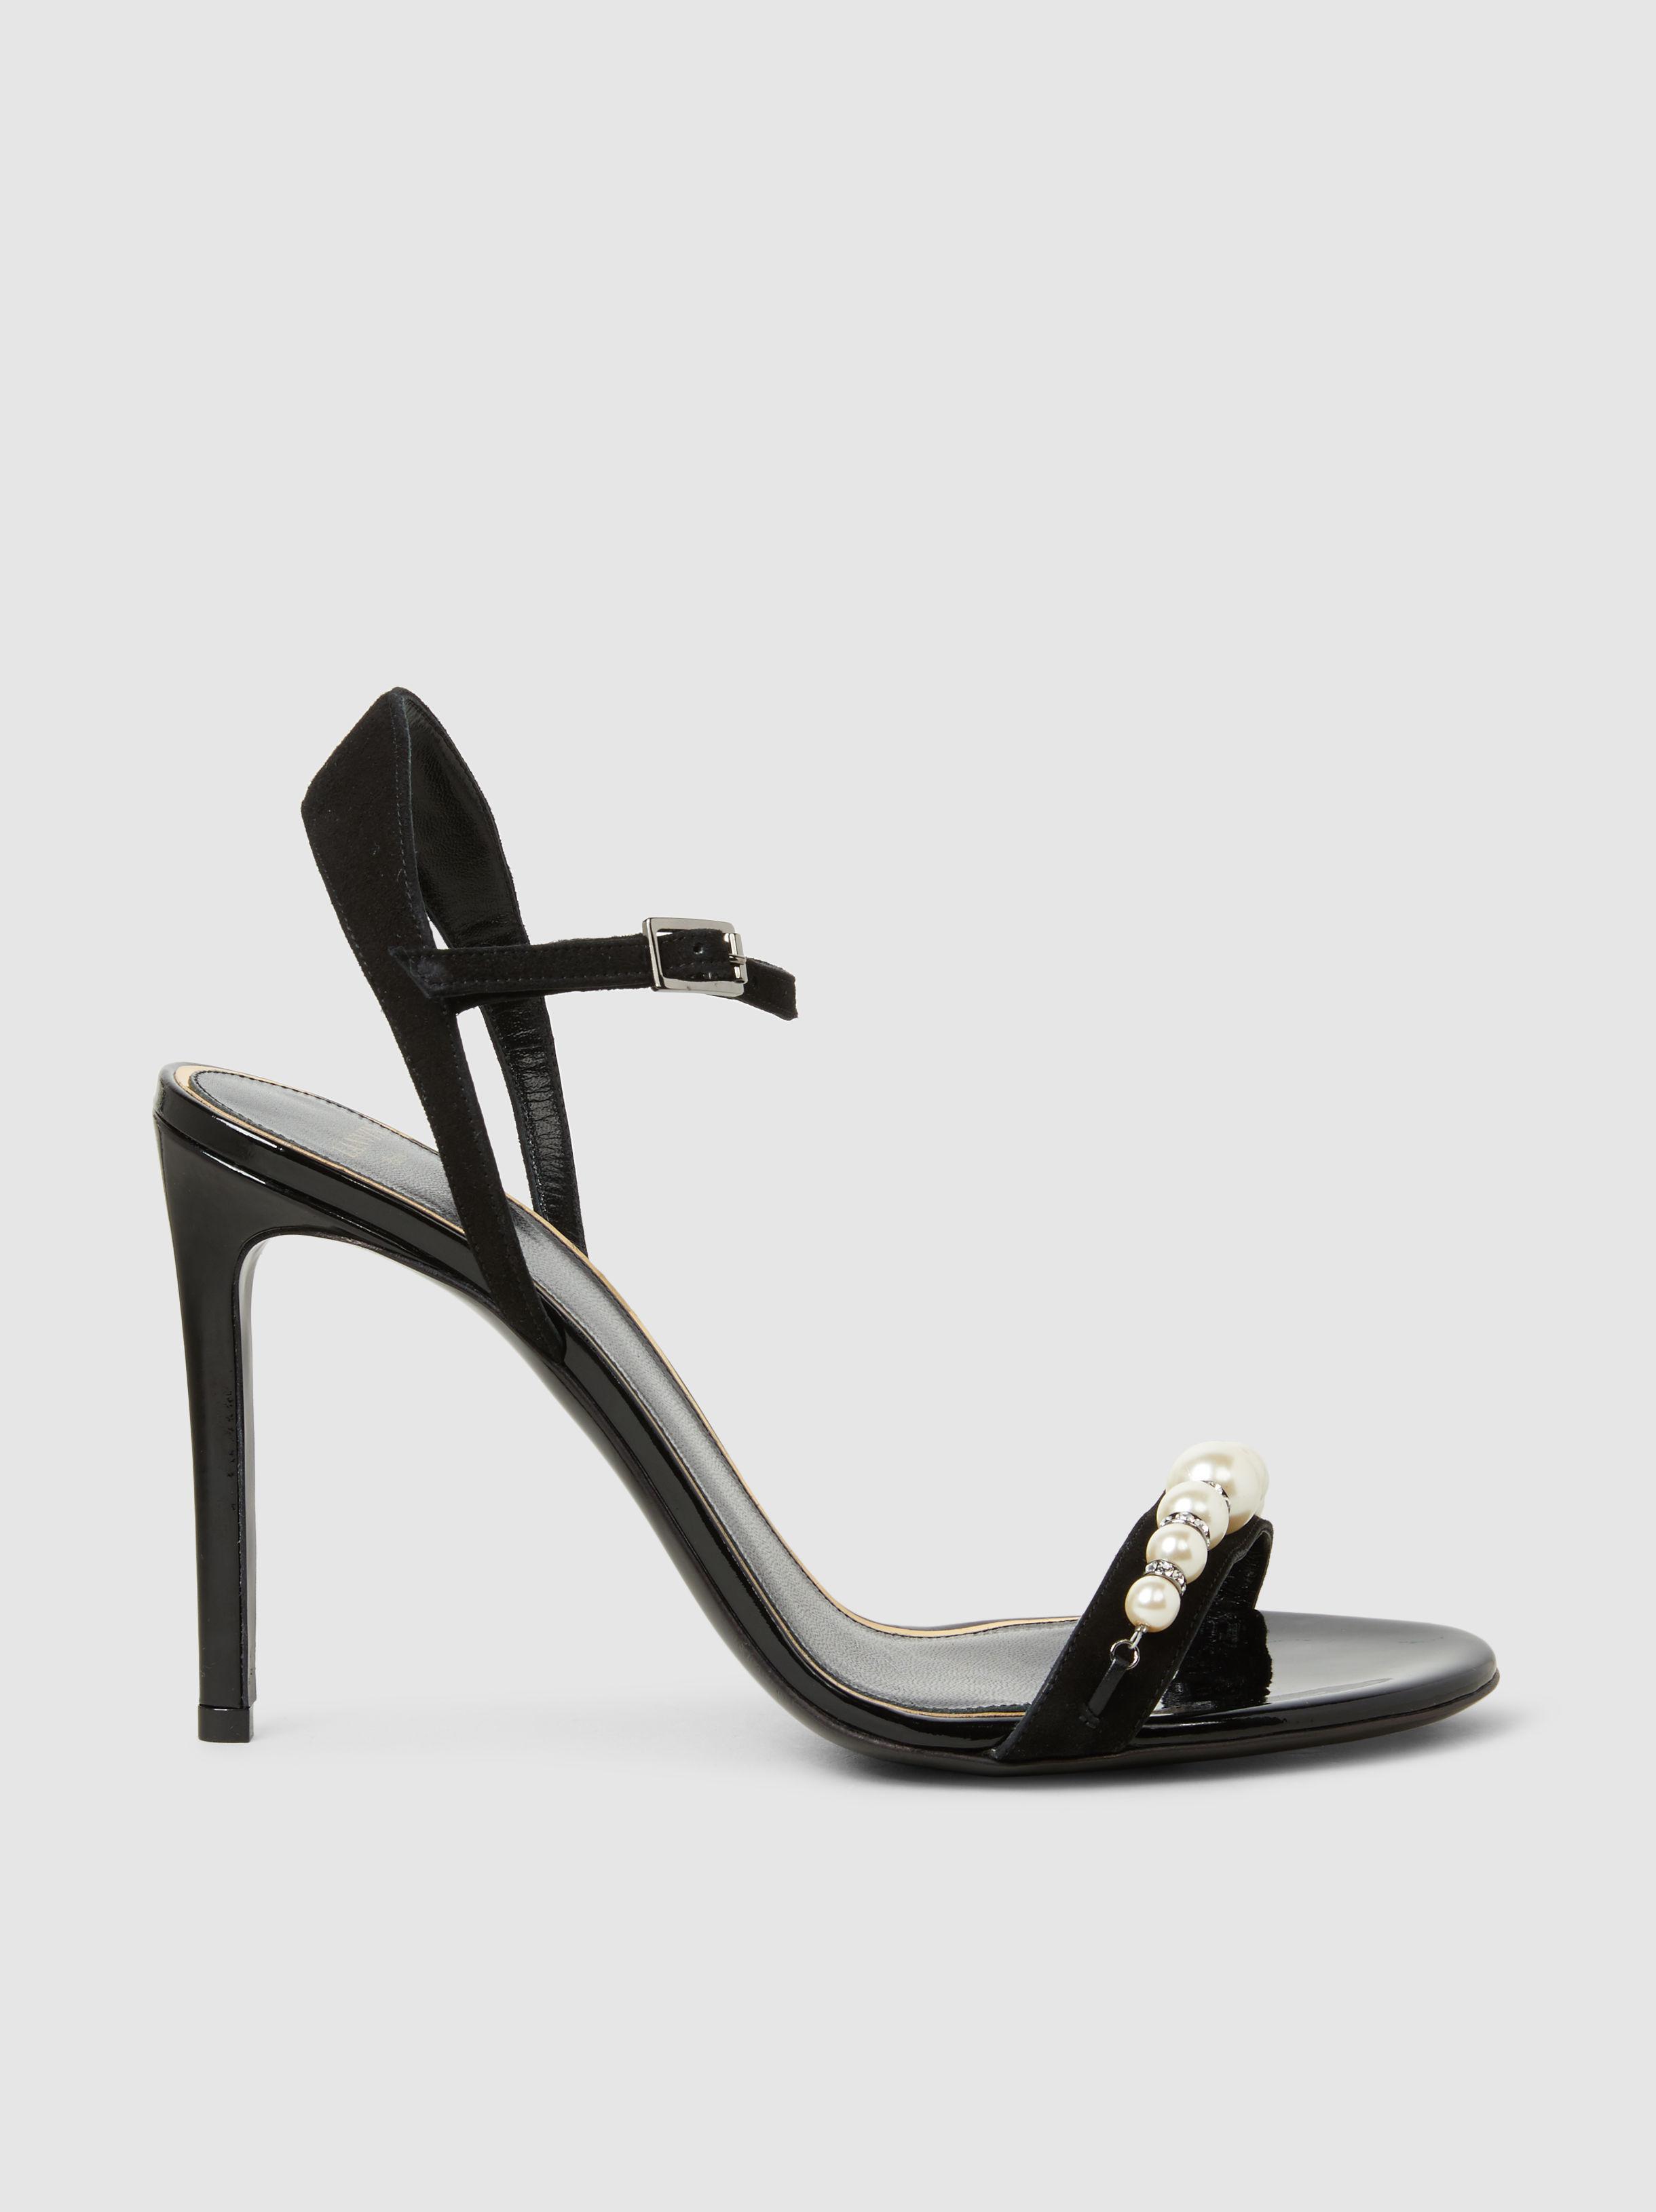 Lanvin Pearl-Embellished Suede Sandals 9hKw76uB